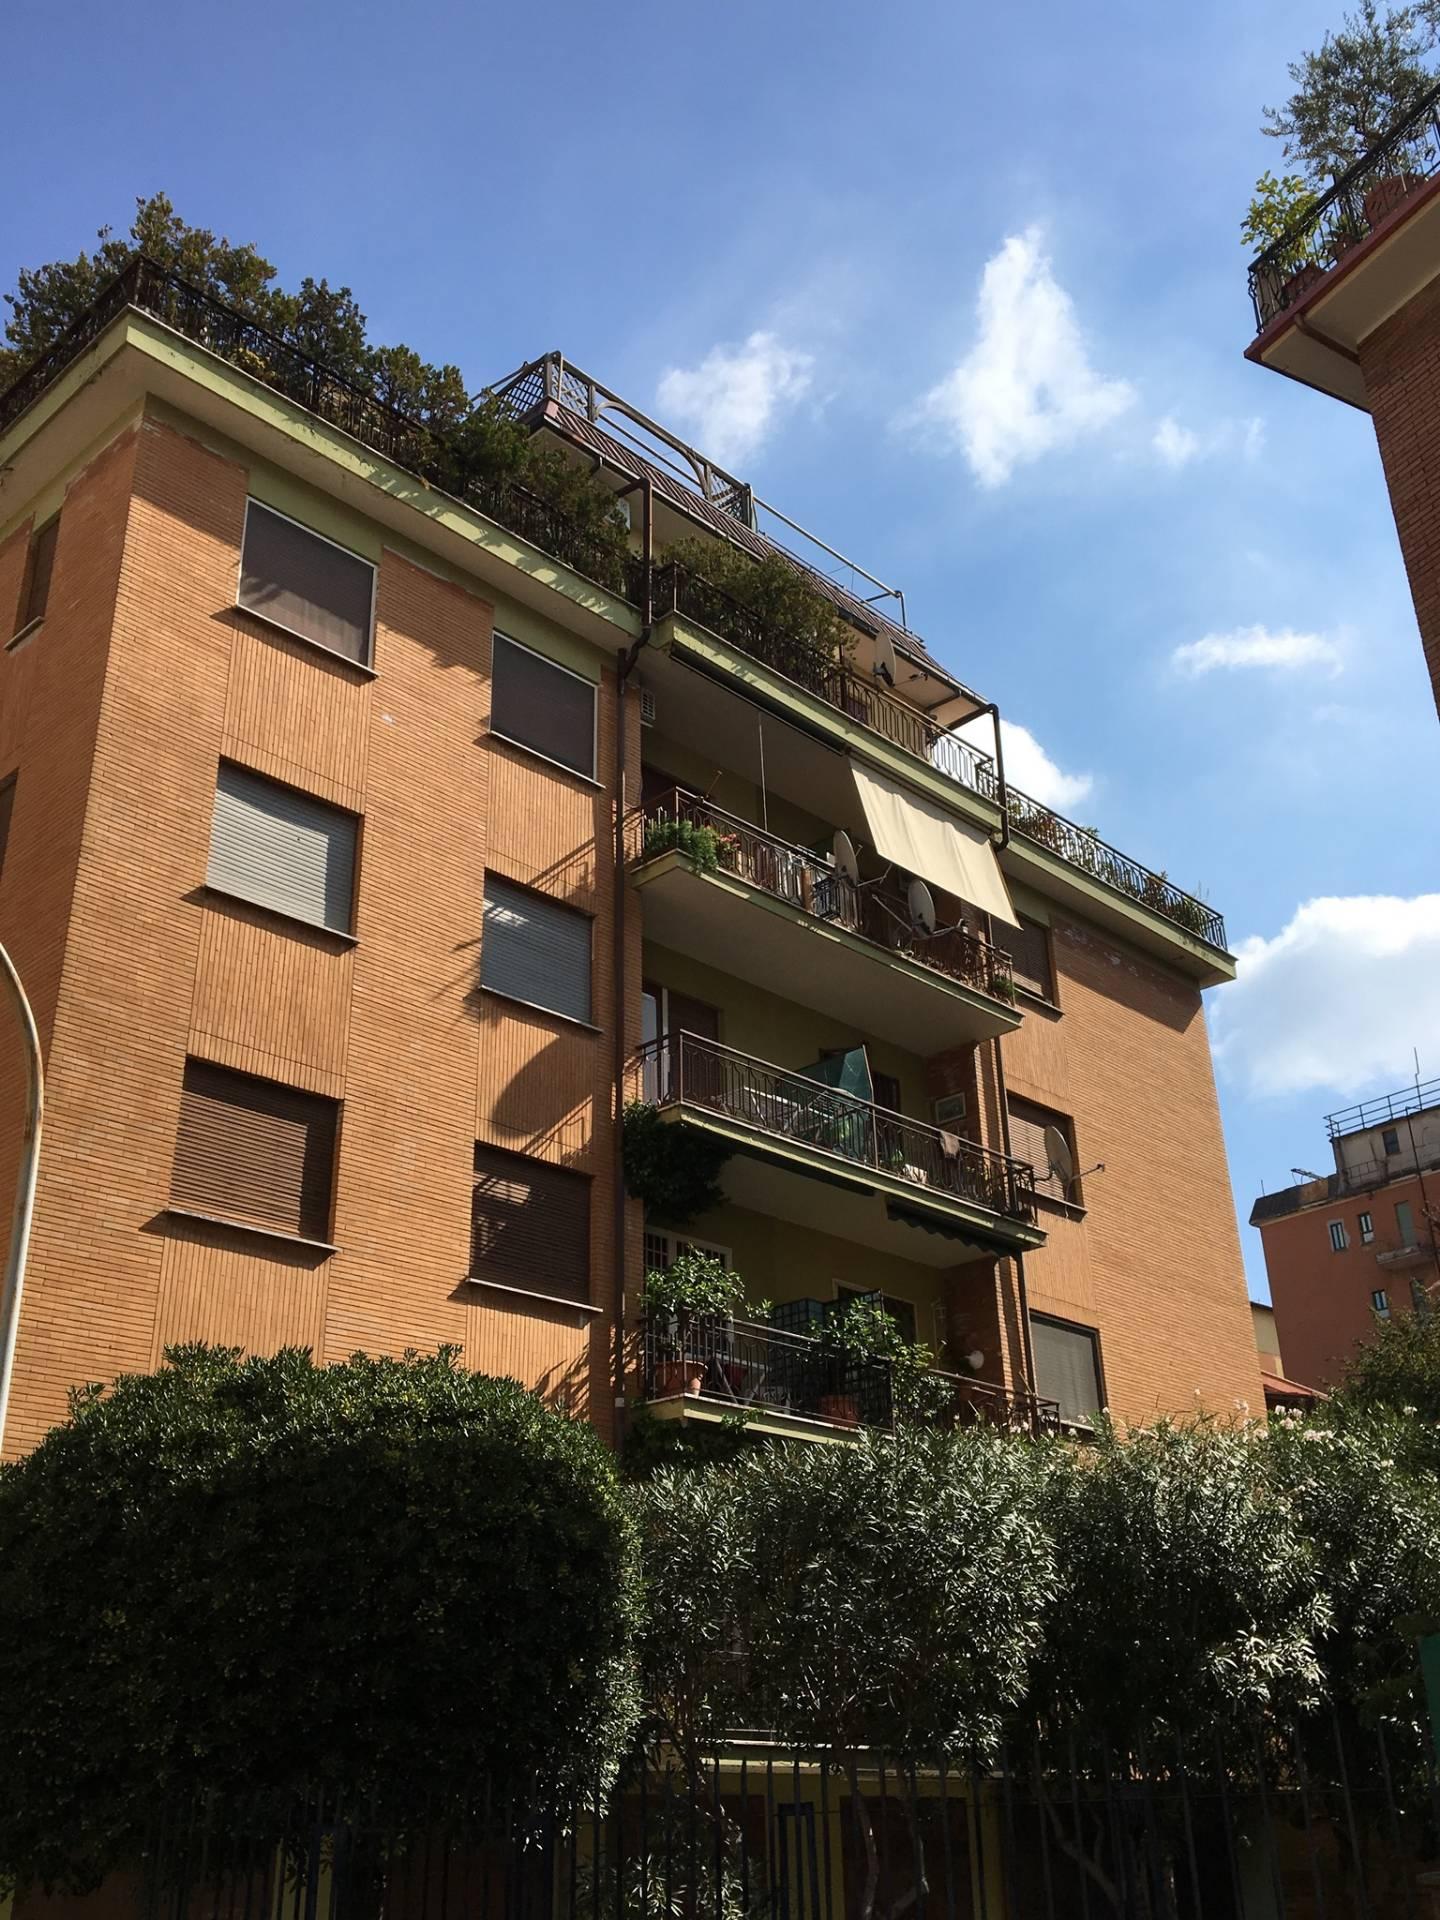 Attico in Vendita a Roma 34 Aurelio / Boccea: 2 locali, 60 mq